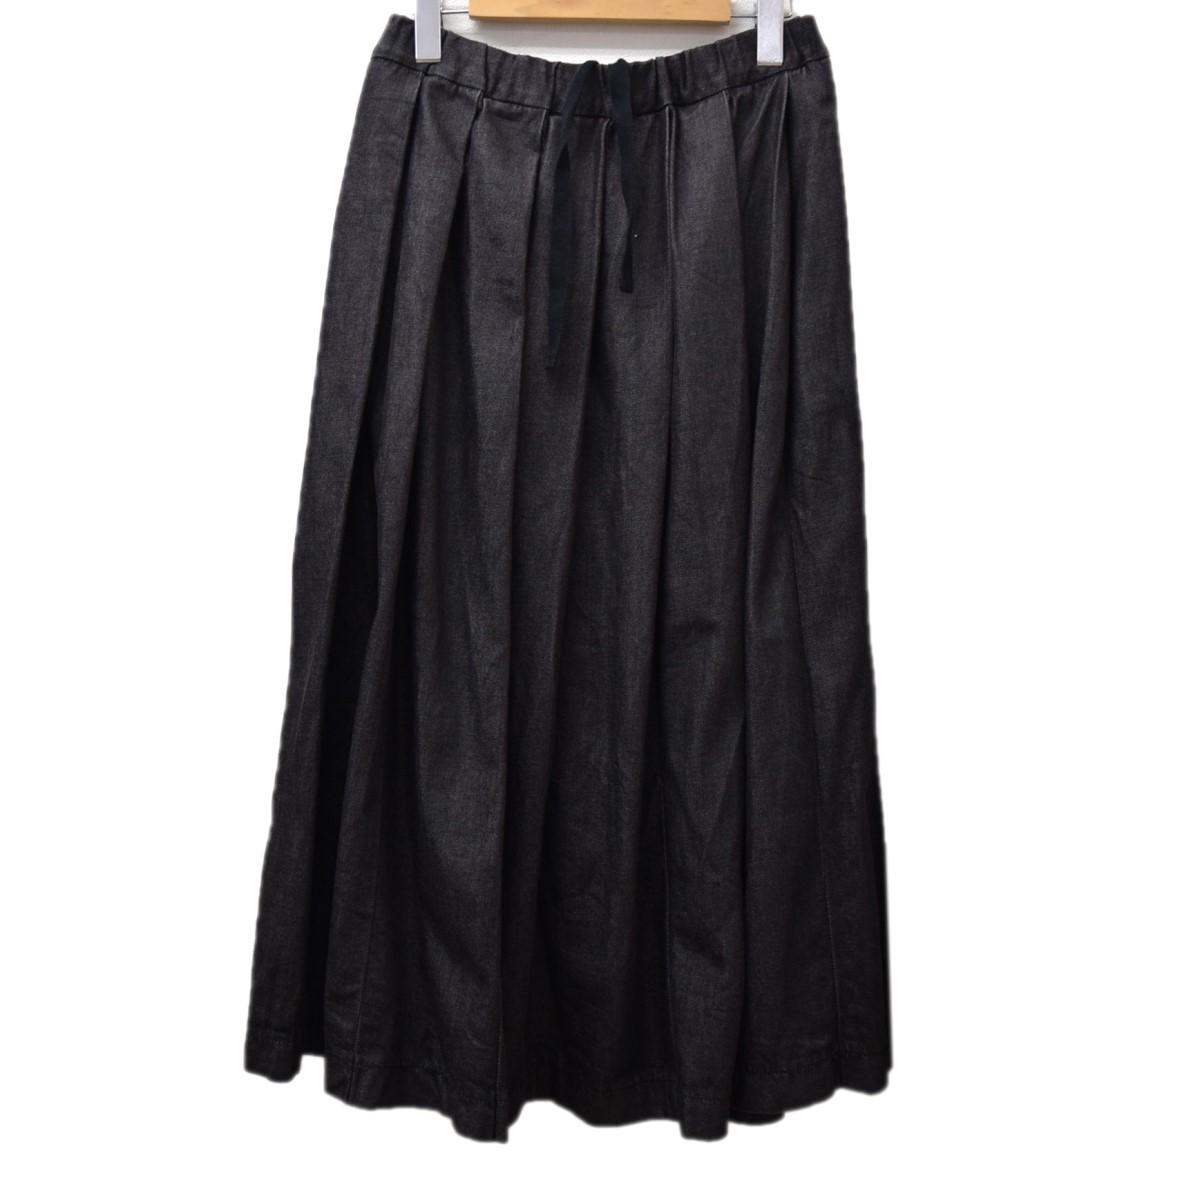 【中古】NIGEL CABOURN プリーツロングデニムスカート ブラック サイズ:F 【221219】(ナイジェルケーボン)